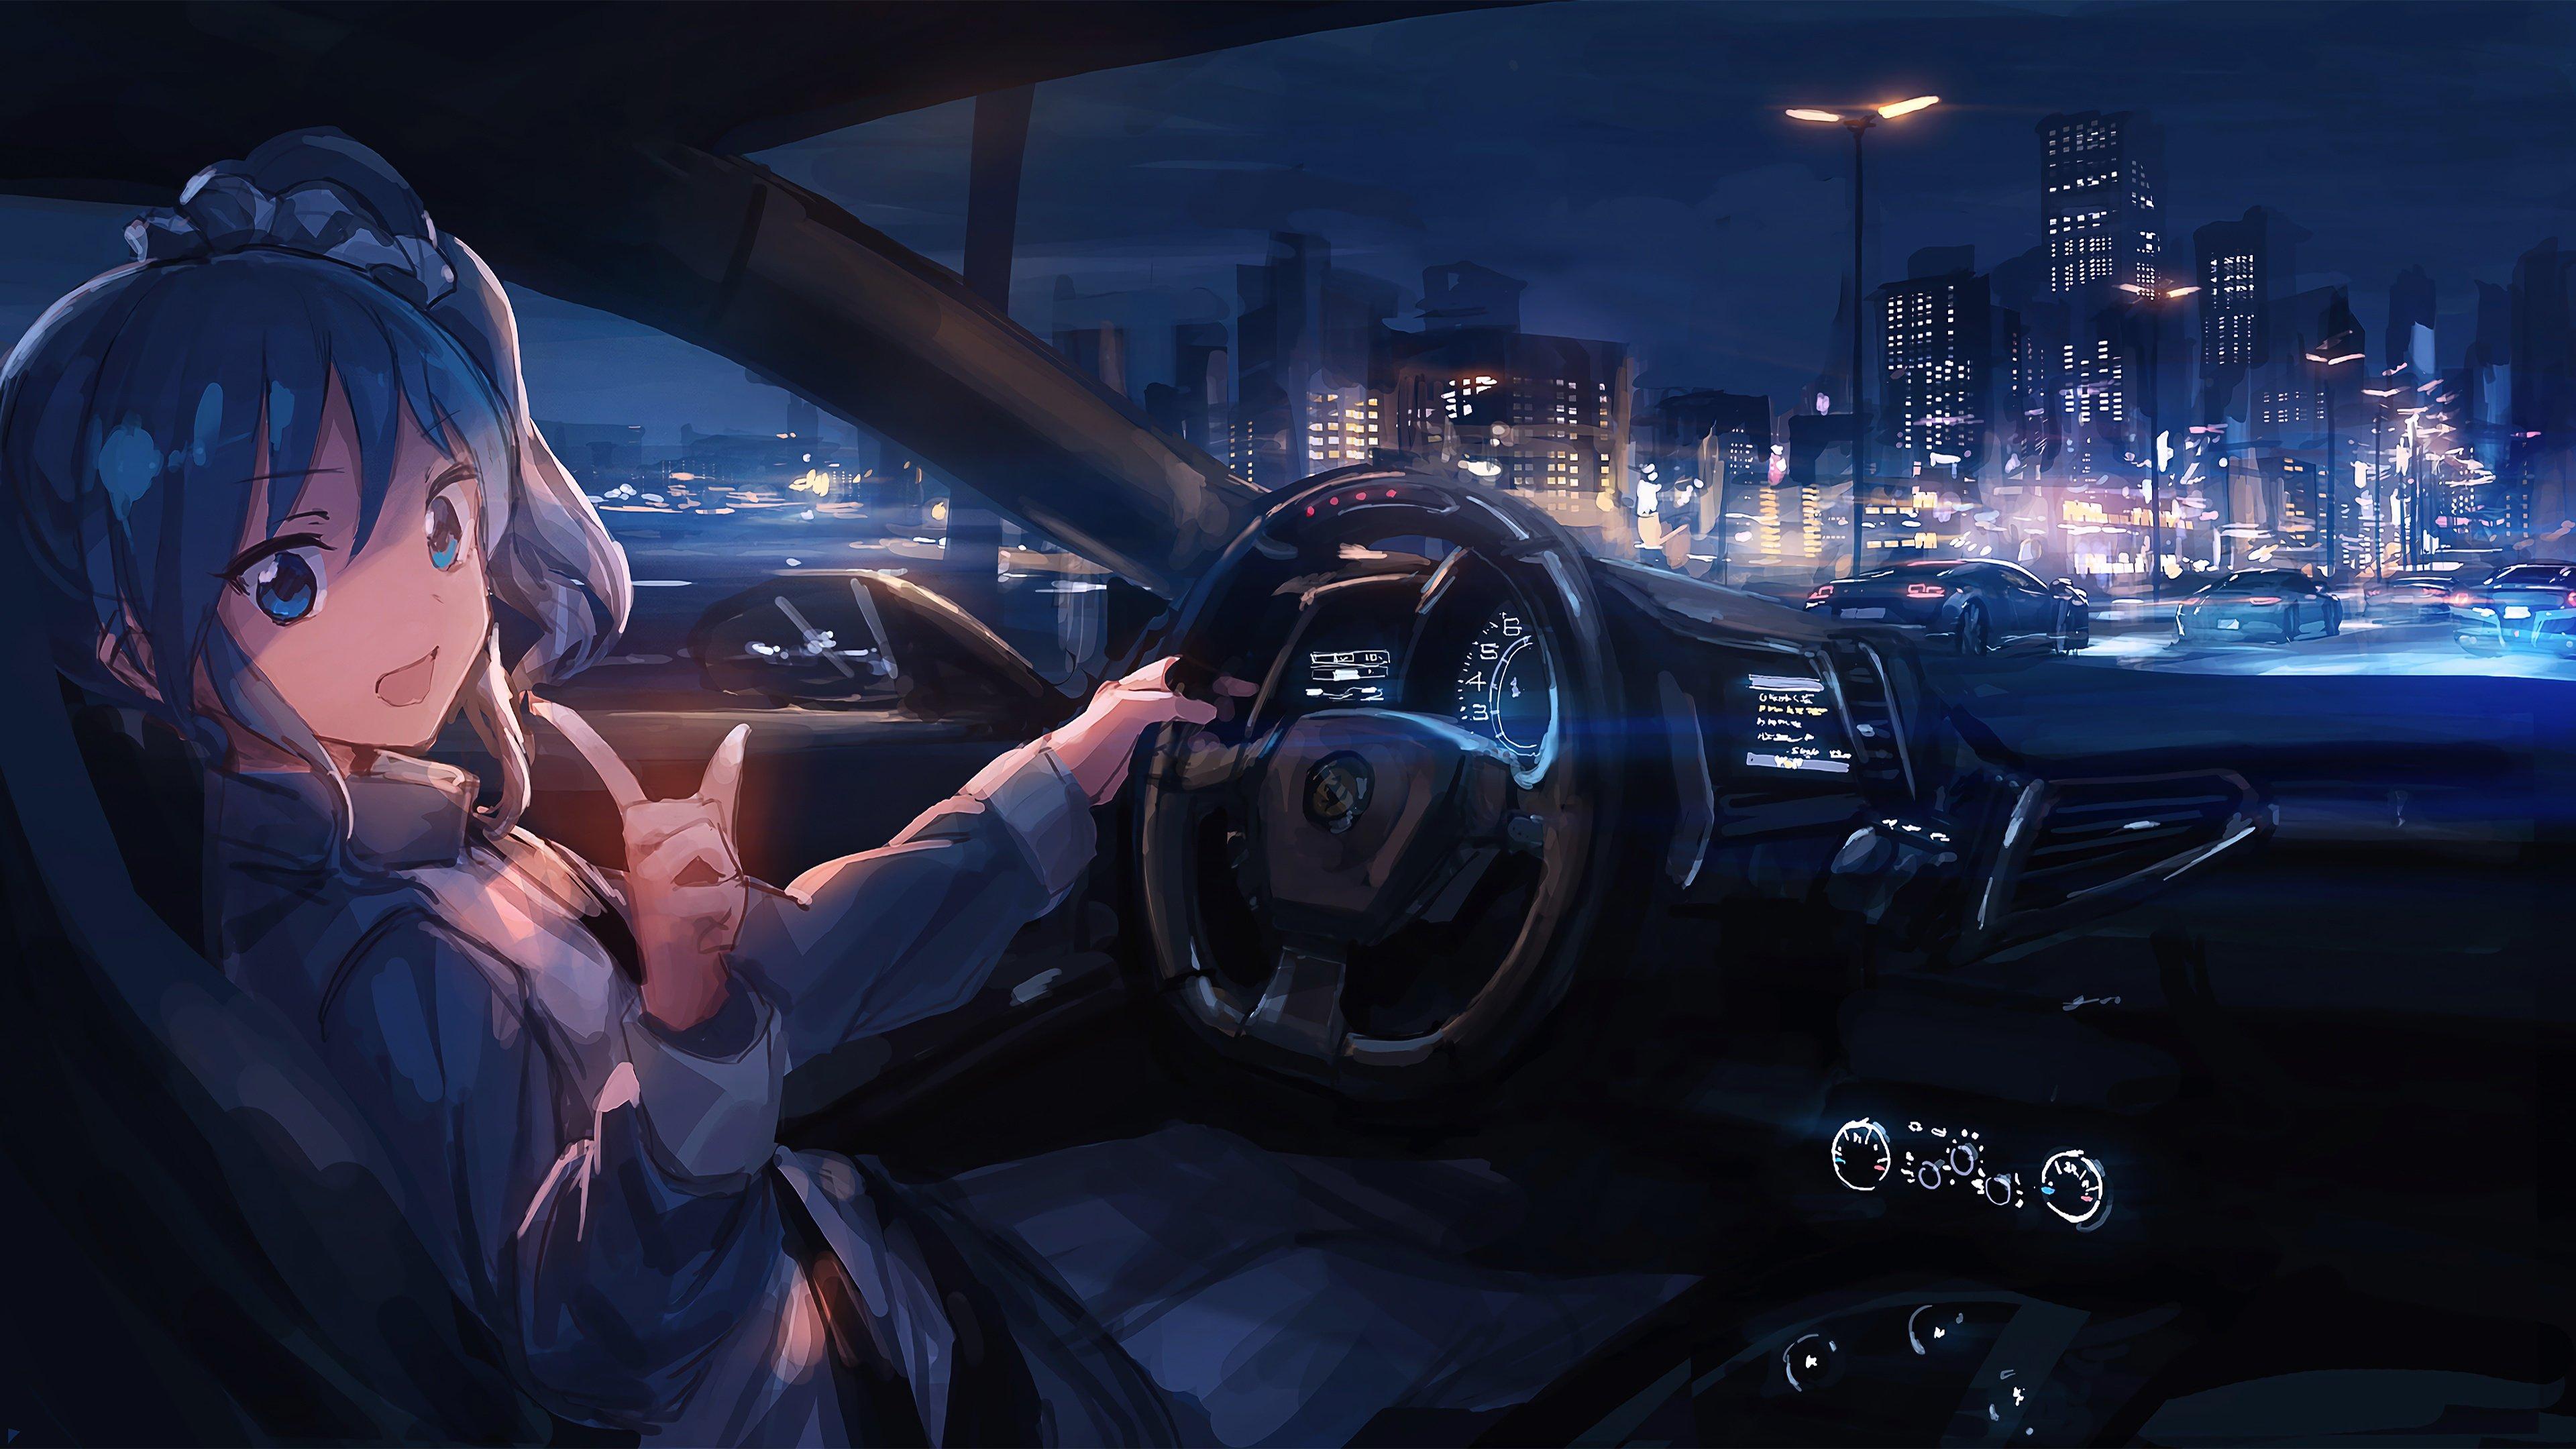 Wallpaper Anime girl driving